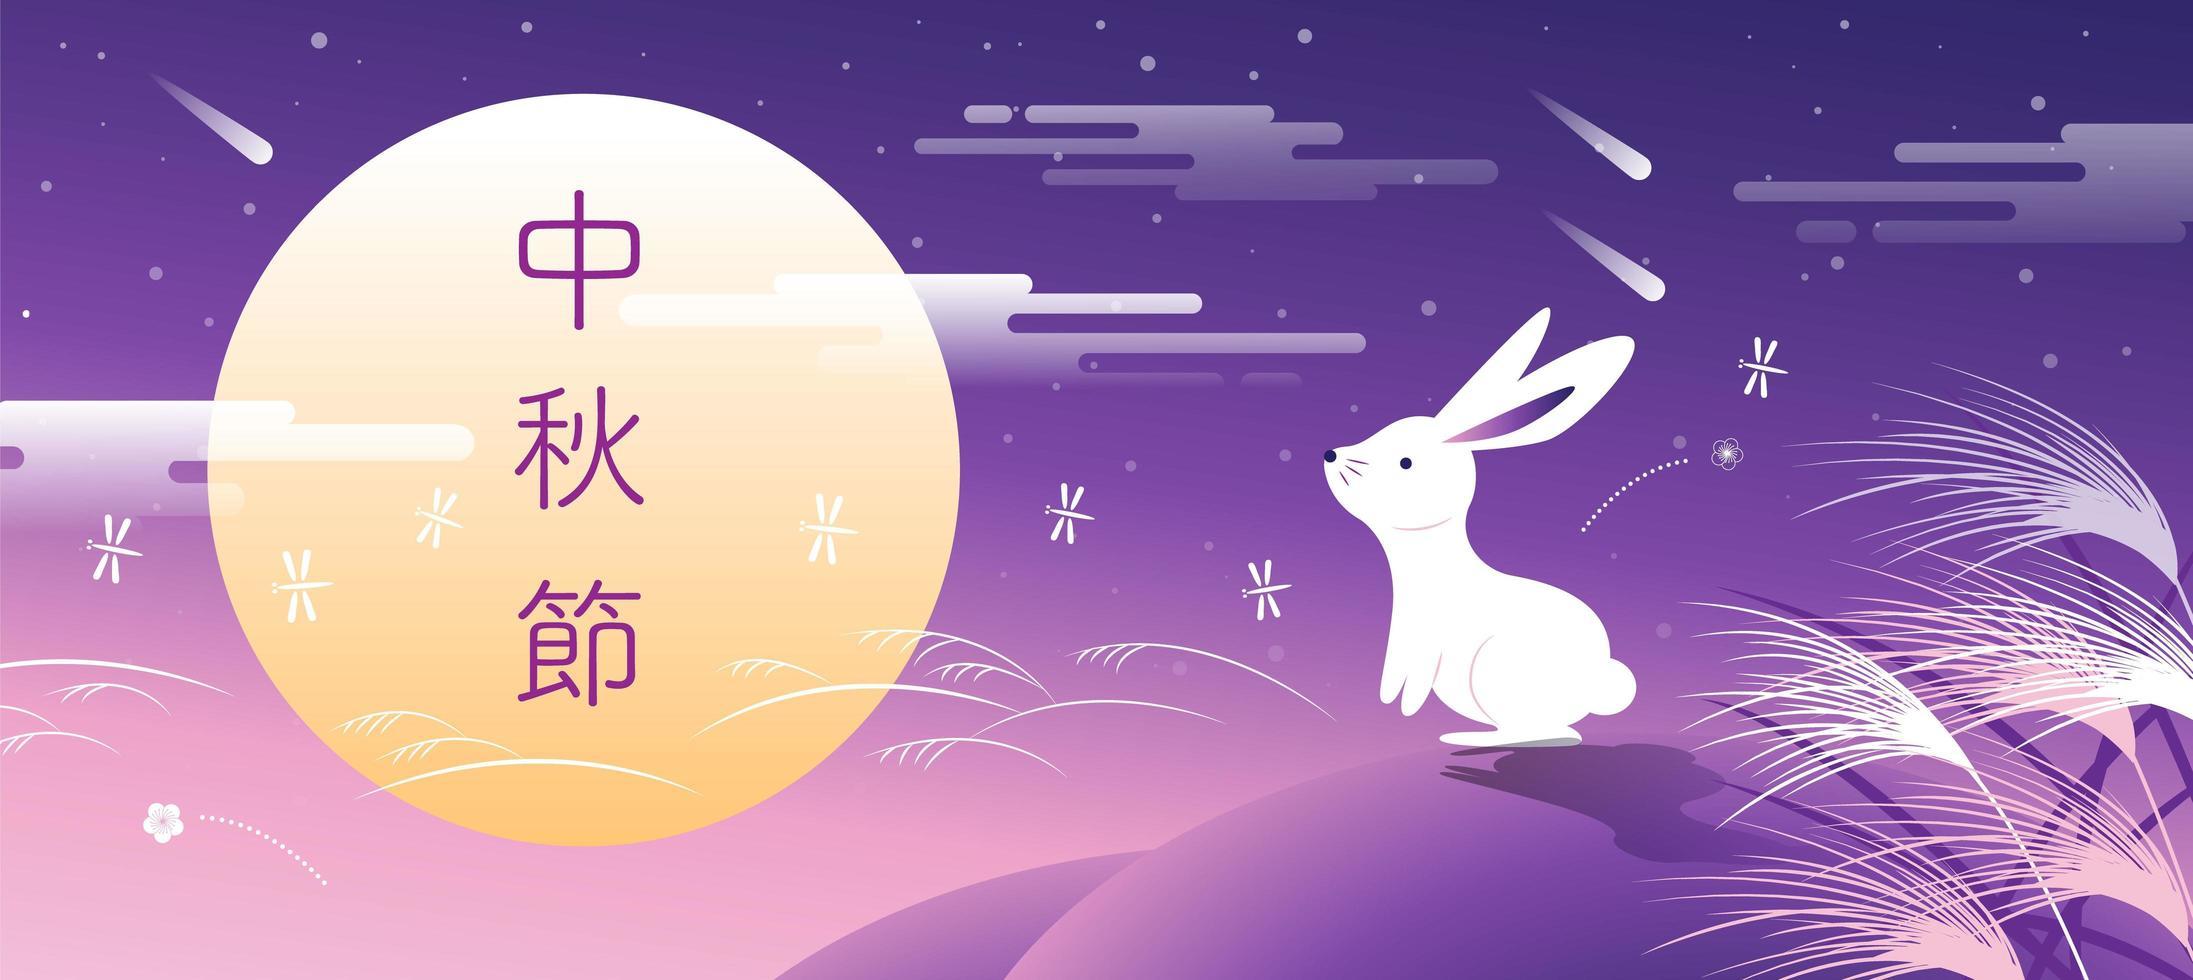 medio herfst festival banner met konijn en maan vector